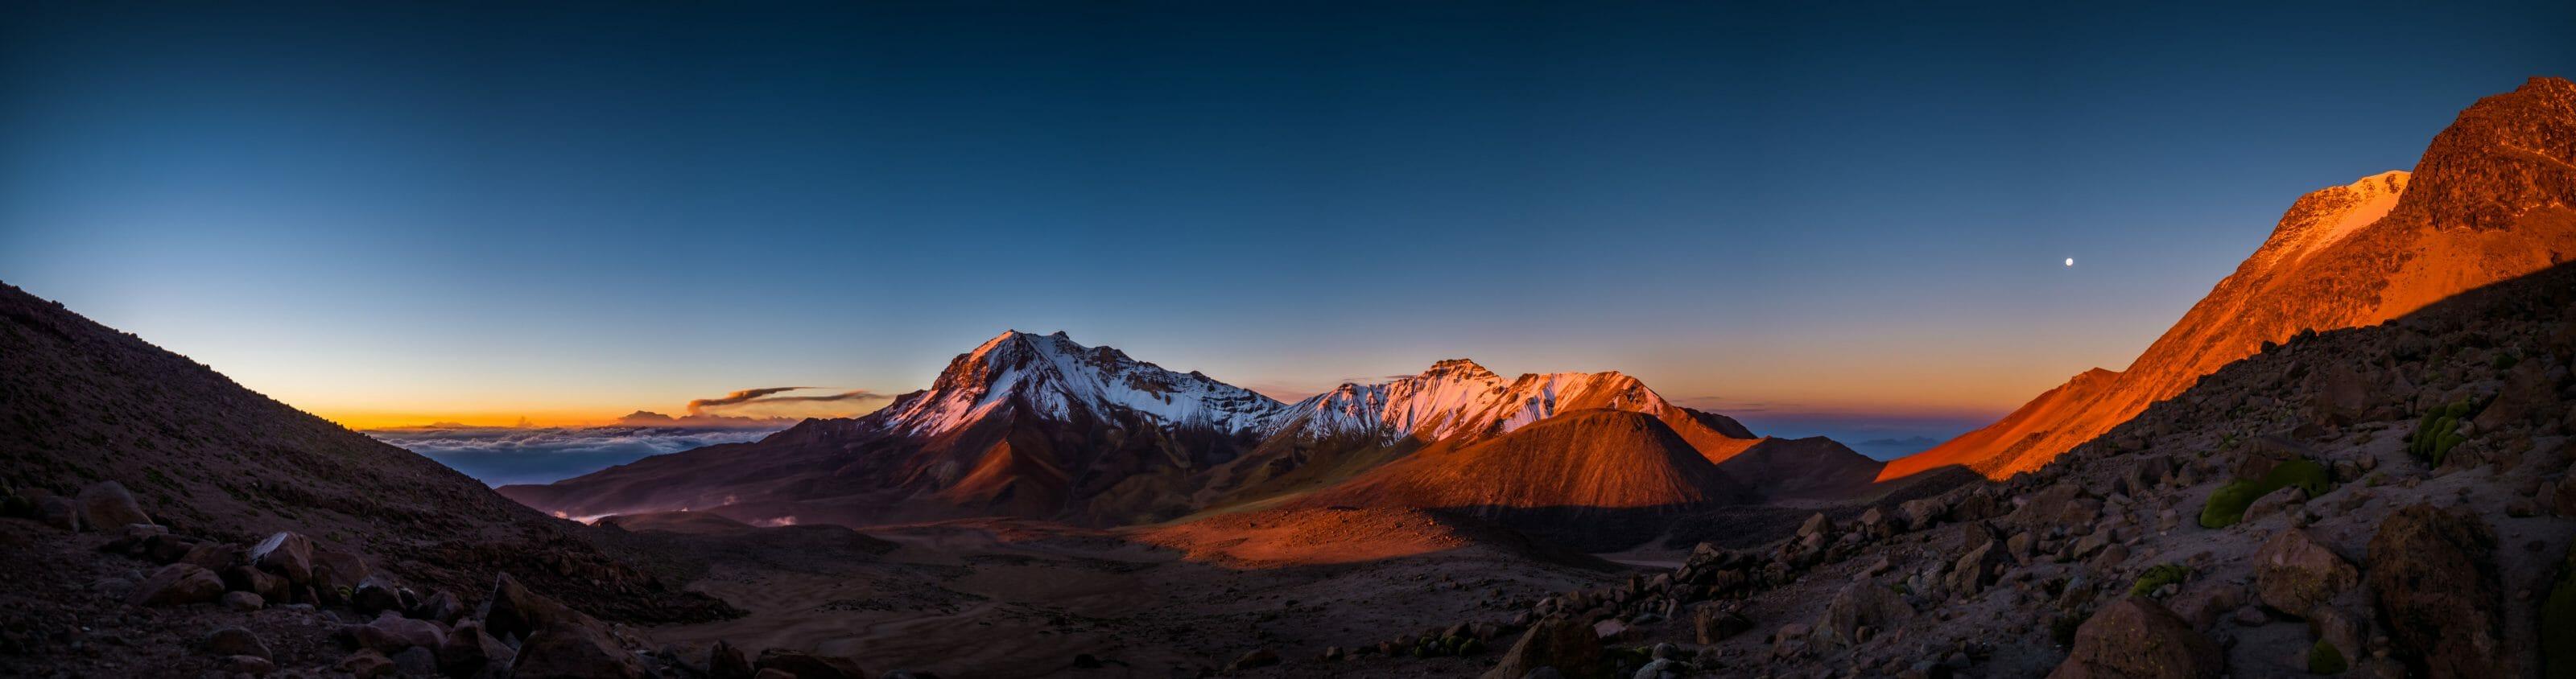 montagnes 6000m tour du monde